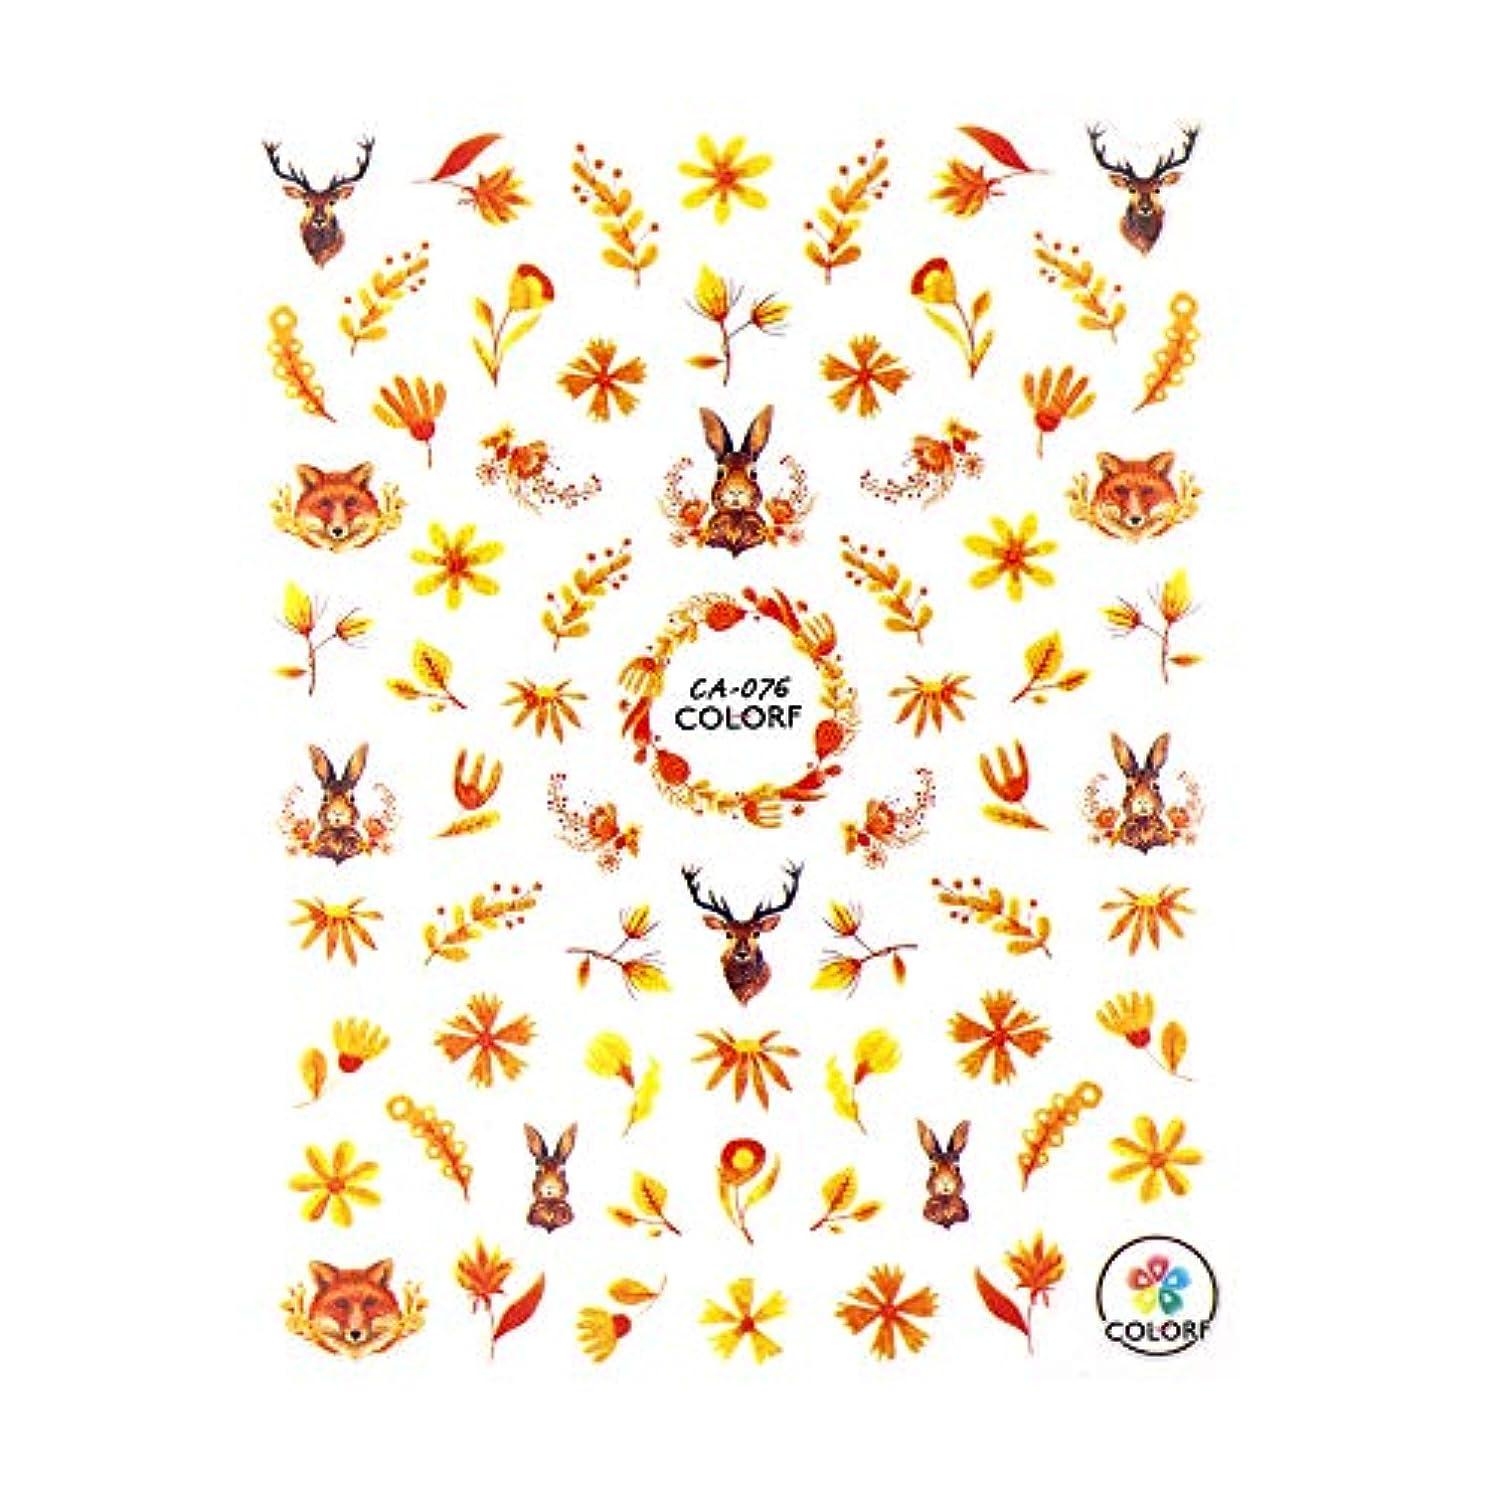 ストロークポーズスペインirogel イロジェル ネイルシール ネイルシール オータムリーフシール 【CA-076 タイプA】秋ネイル 花柄 紅葉 落ち葉